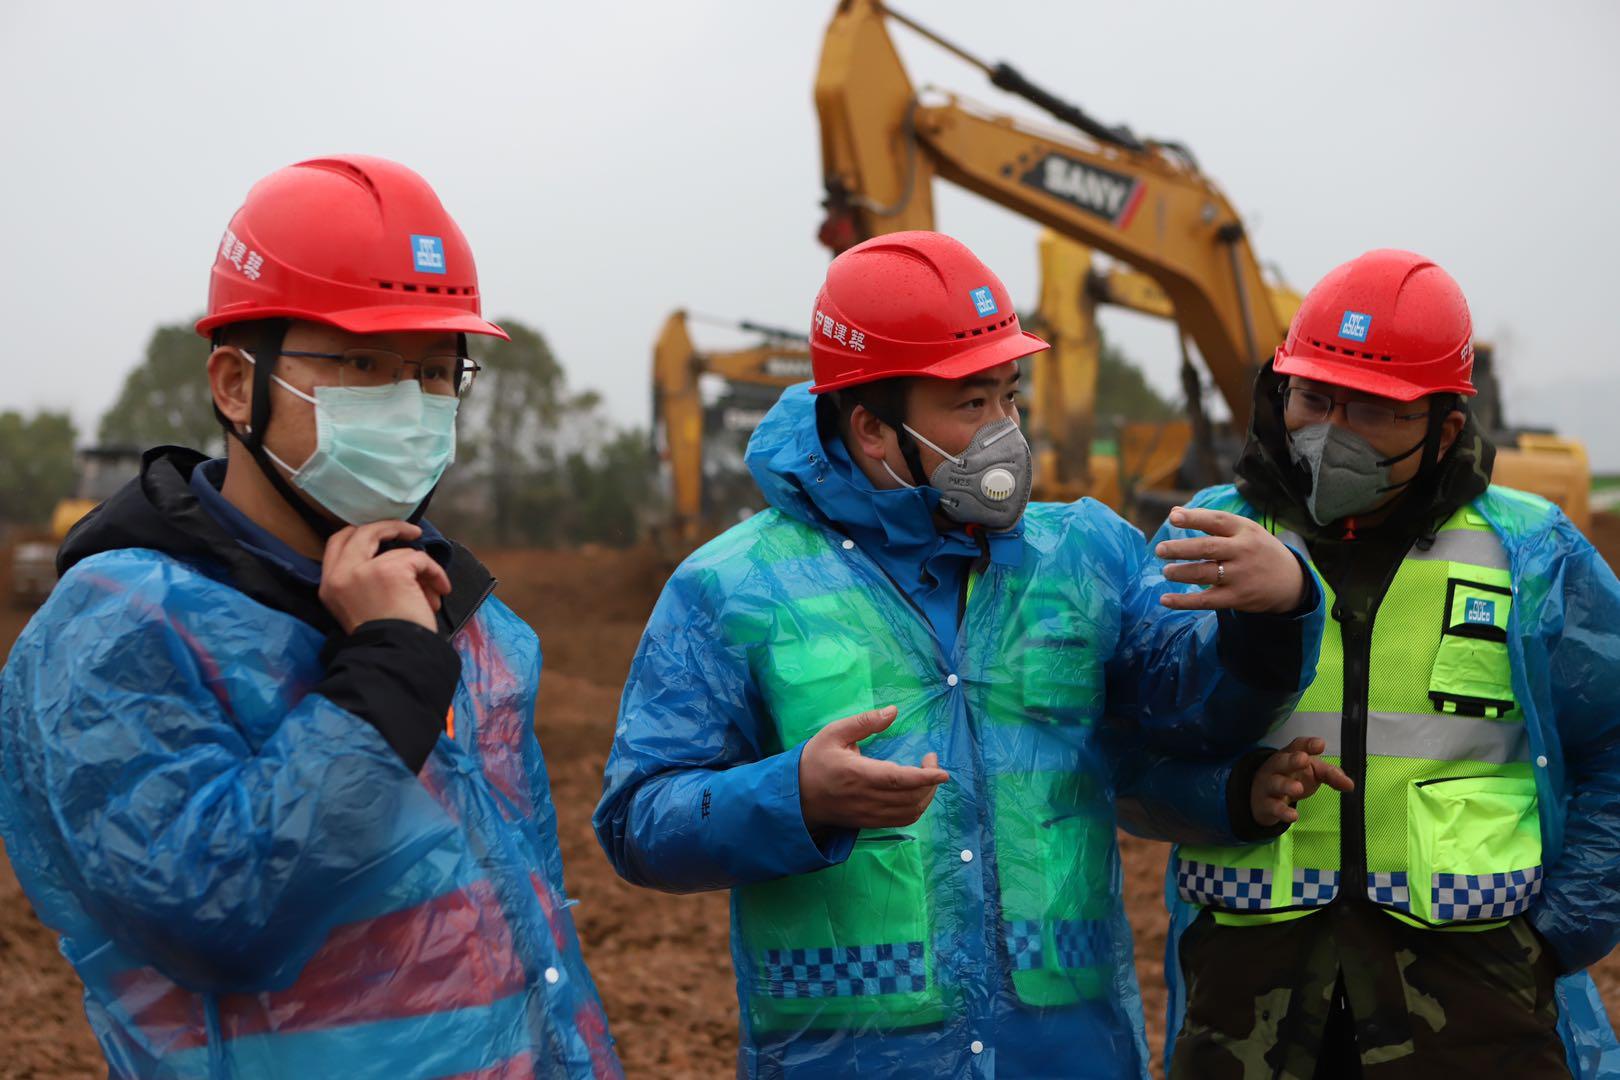 大年二十九赶赴一线 建设火神山医院这群建设者在行动